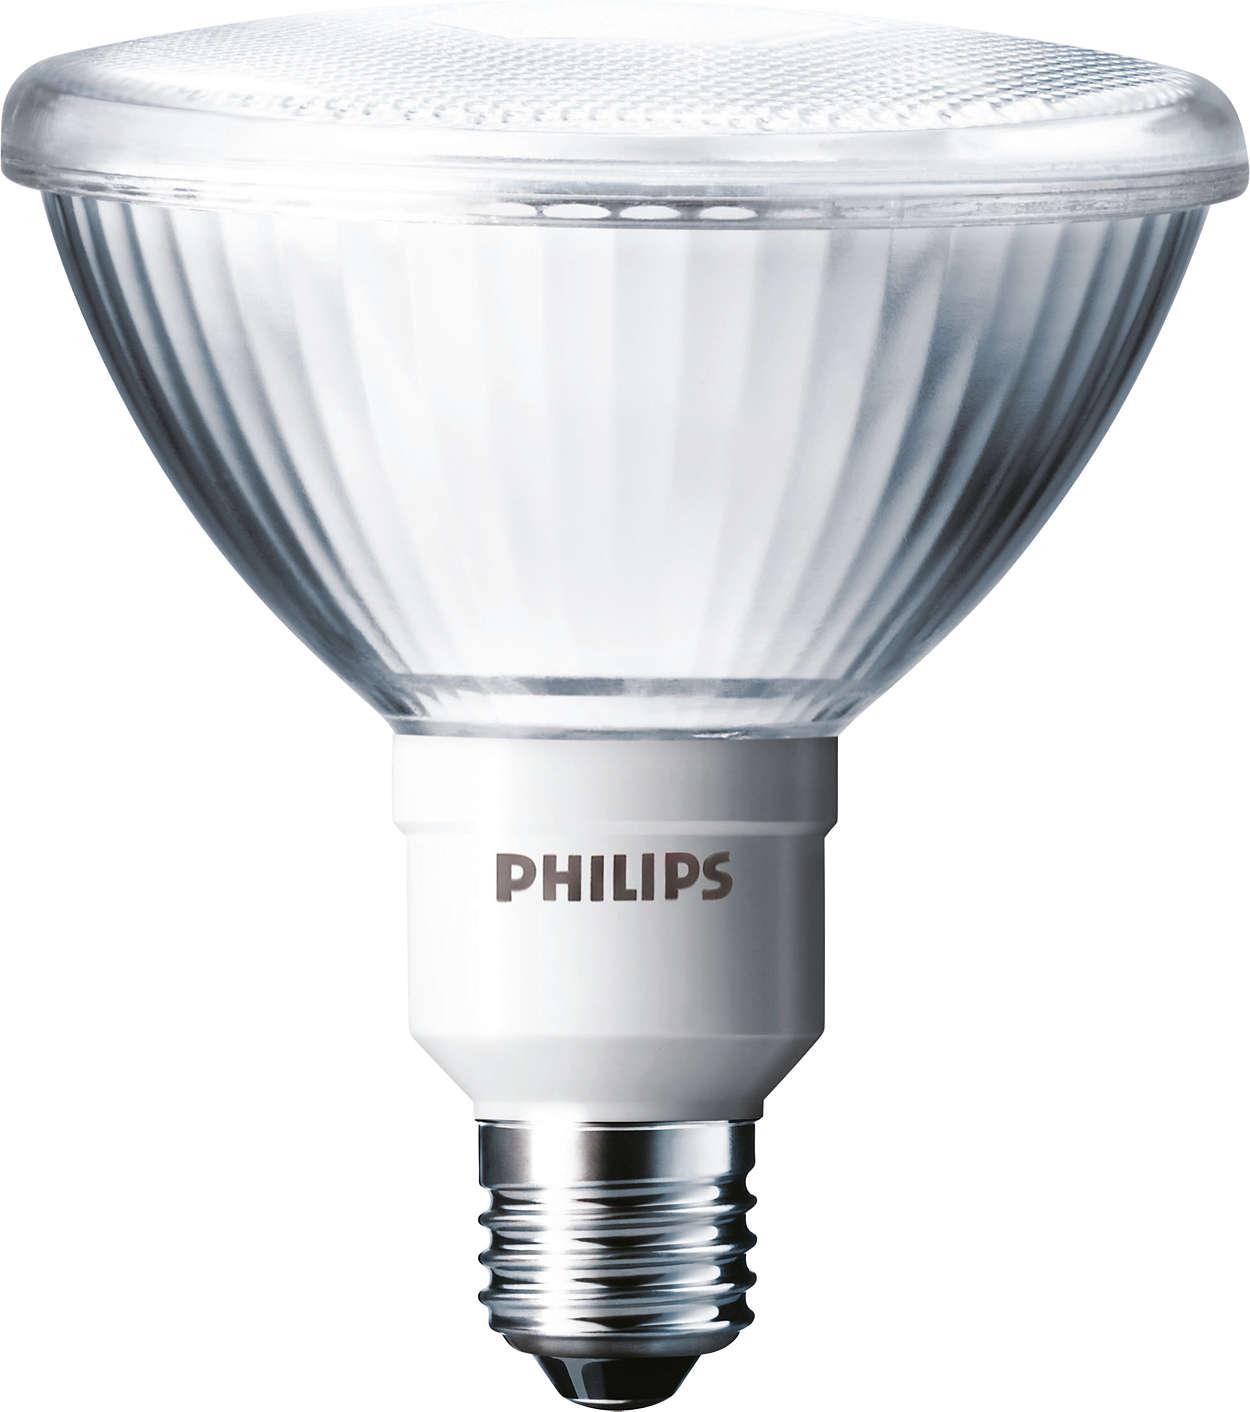 Conçue pour remplacer les lampes incandescentes ou halogènes à réflecteur de type PAR38